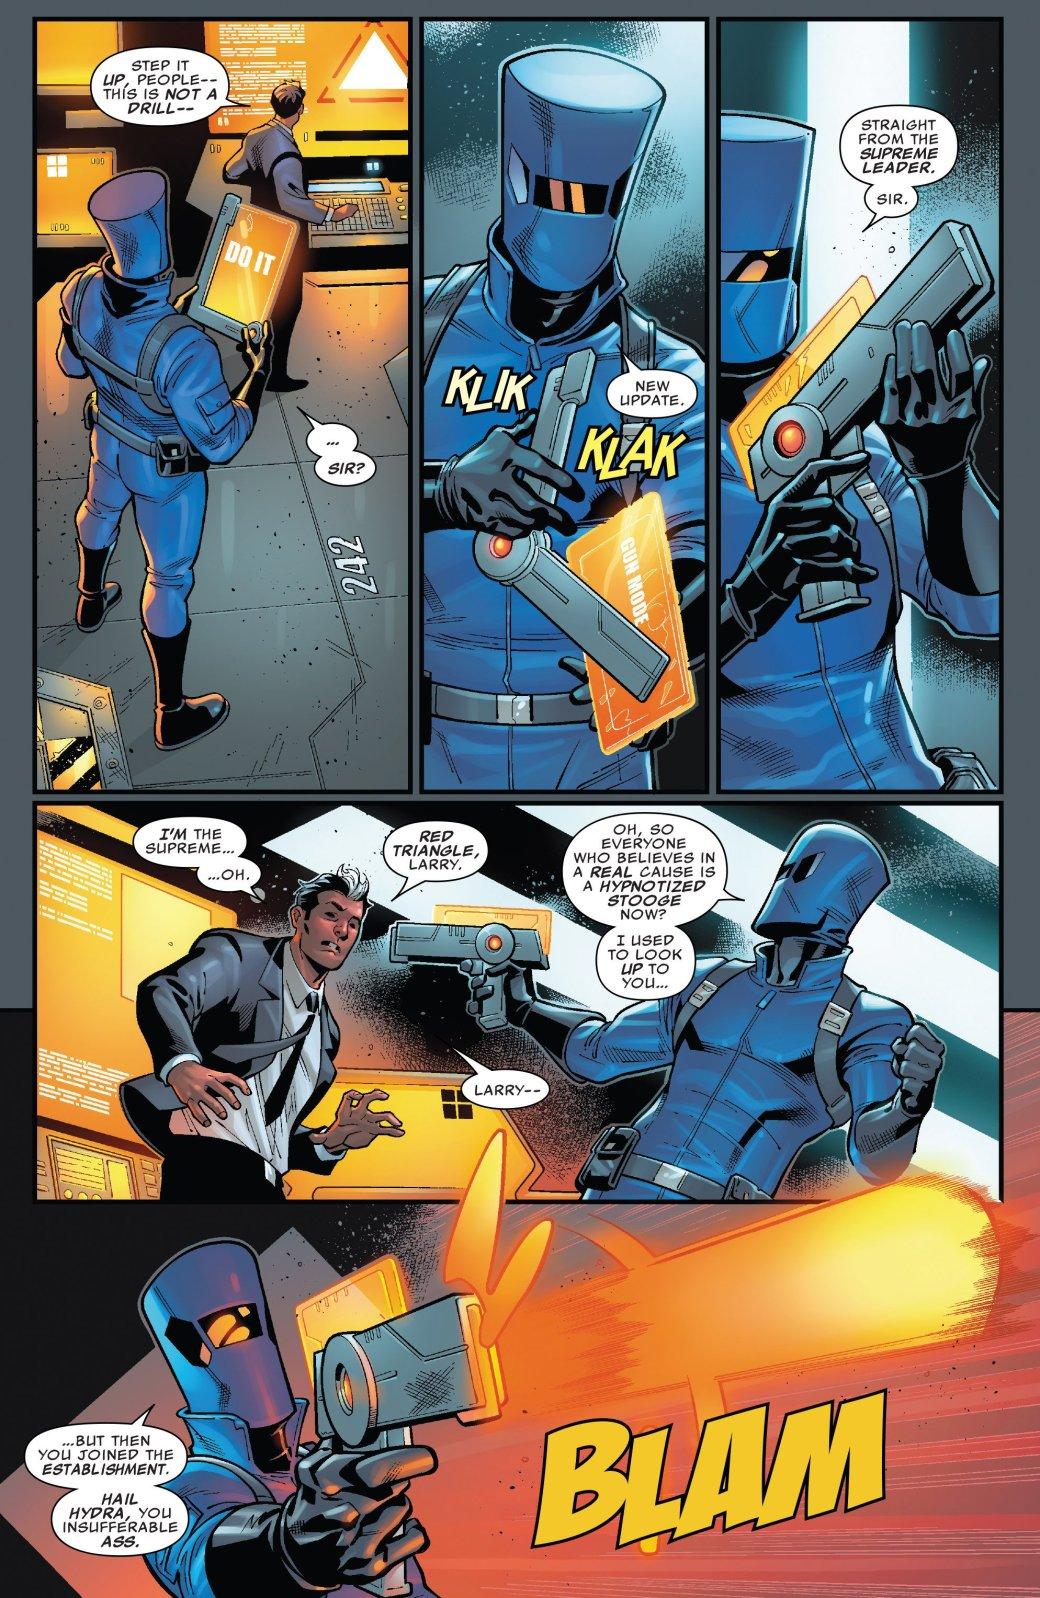 Secret Empire: Гидра сломала супергероев, и теперь они готовы убивать   Канобу - Изображение 20